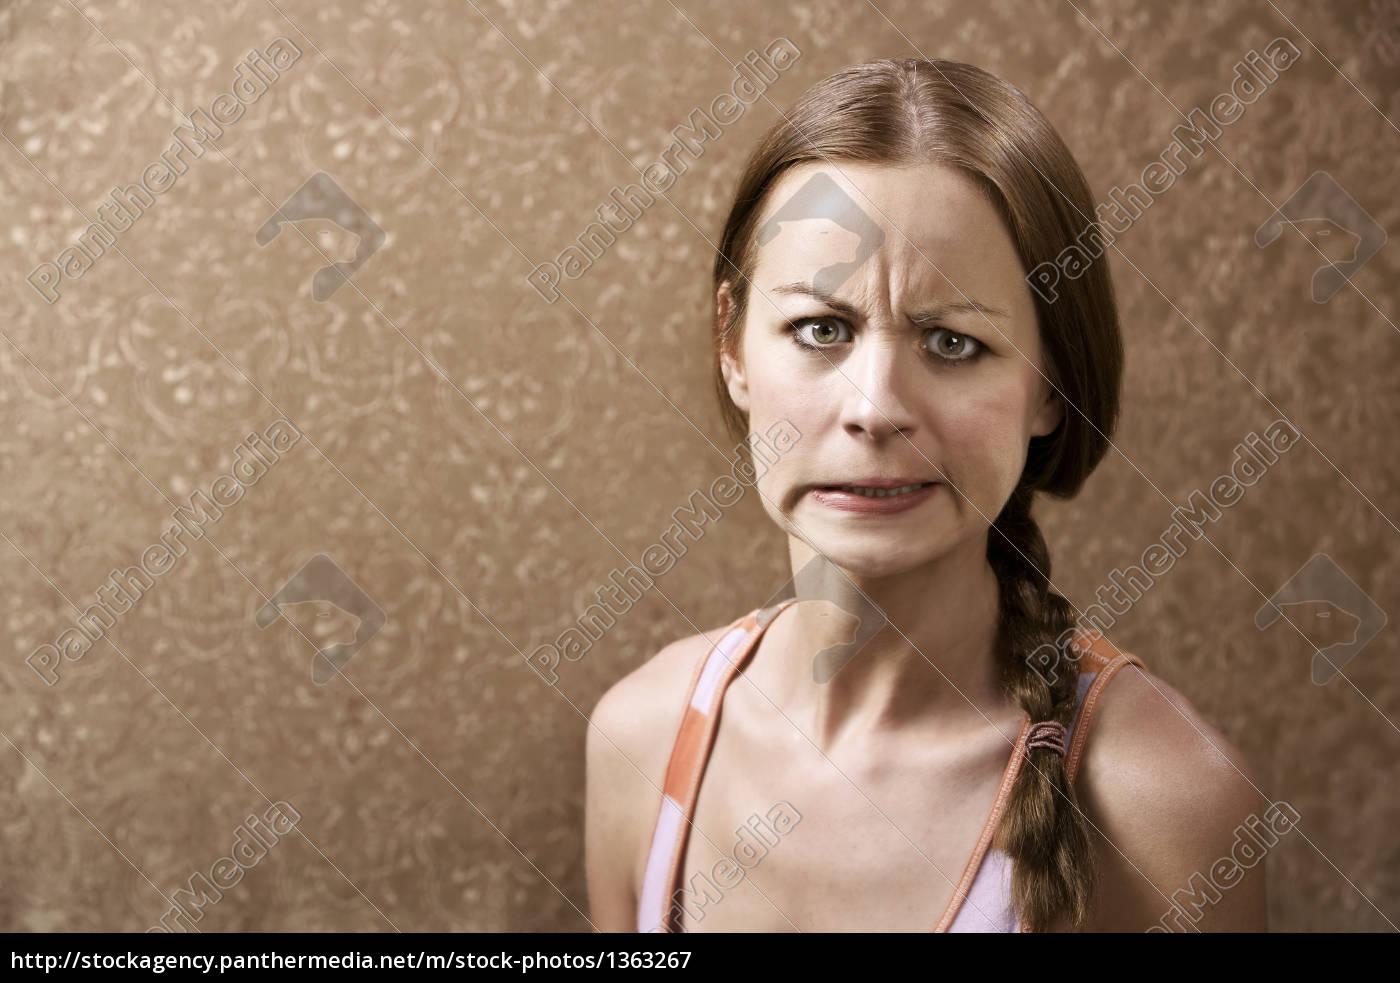 angry, woman - 1363267